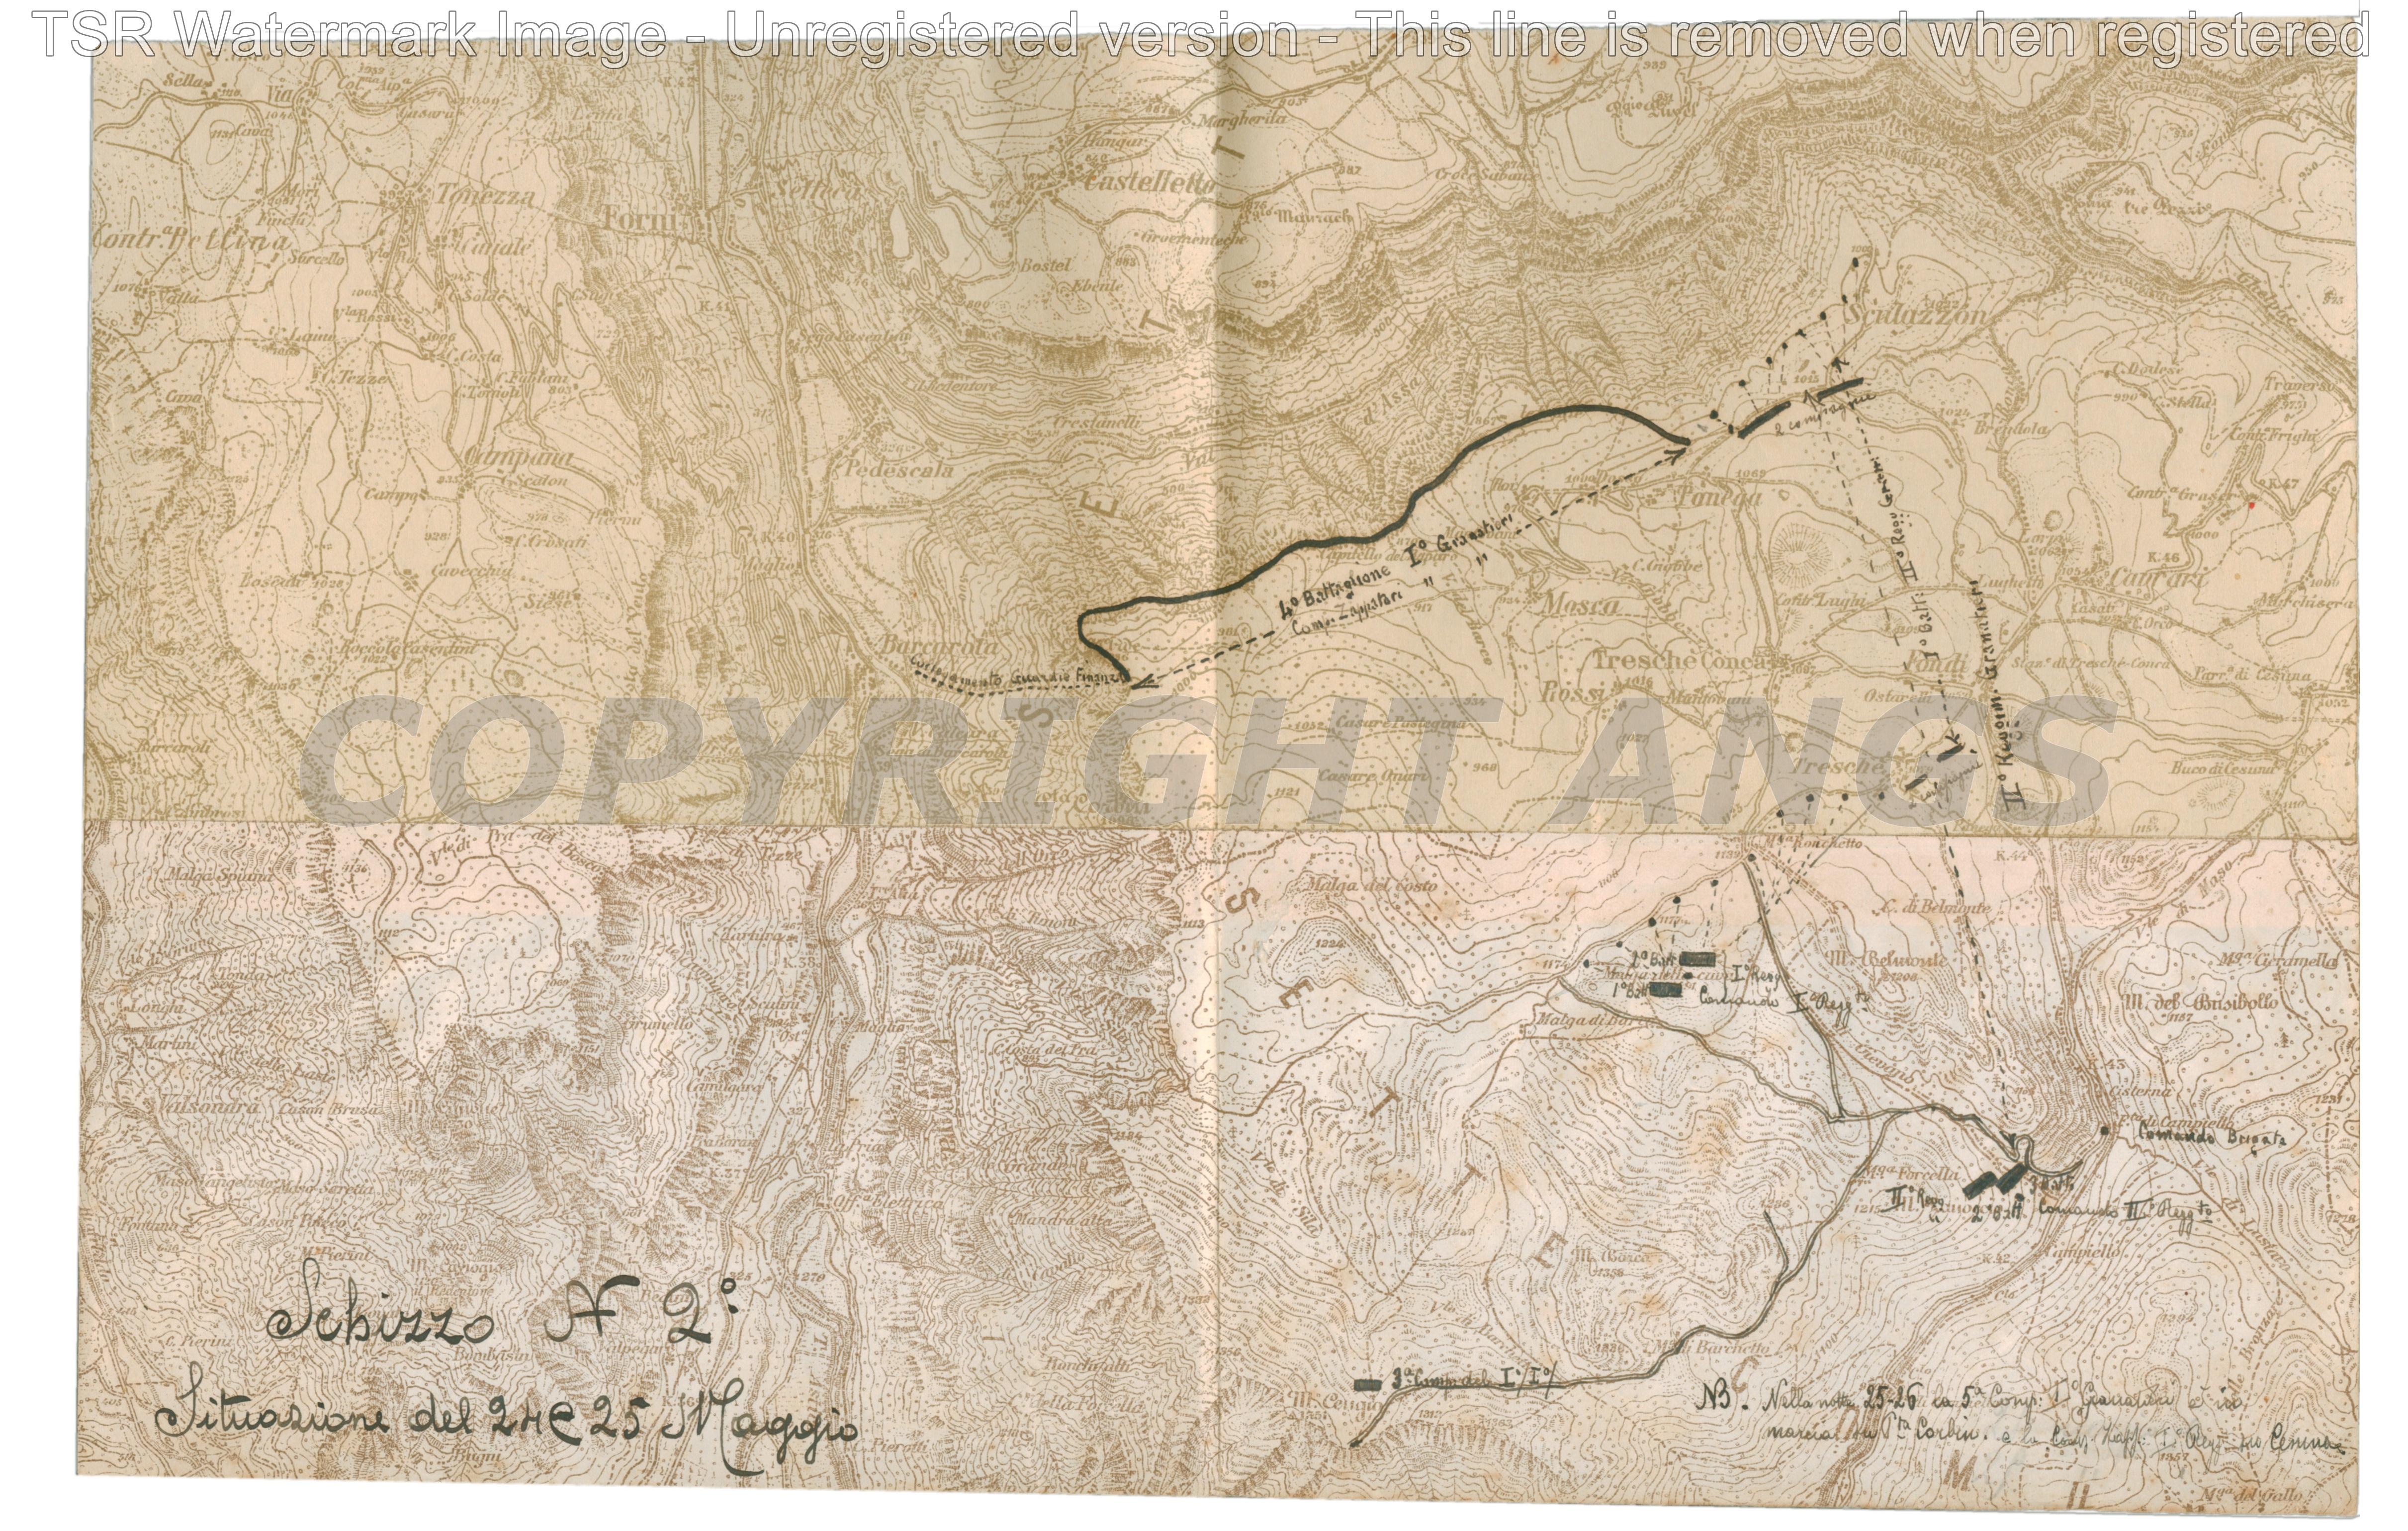 Schizzo n. 2 Situazione 24 e 25 maggio 1916